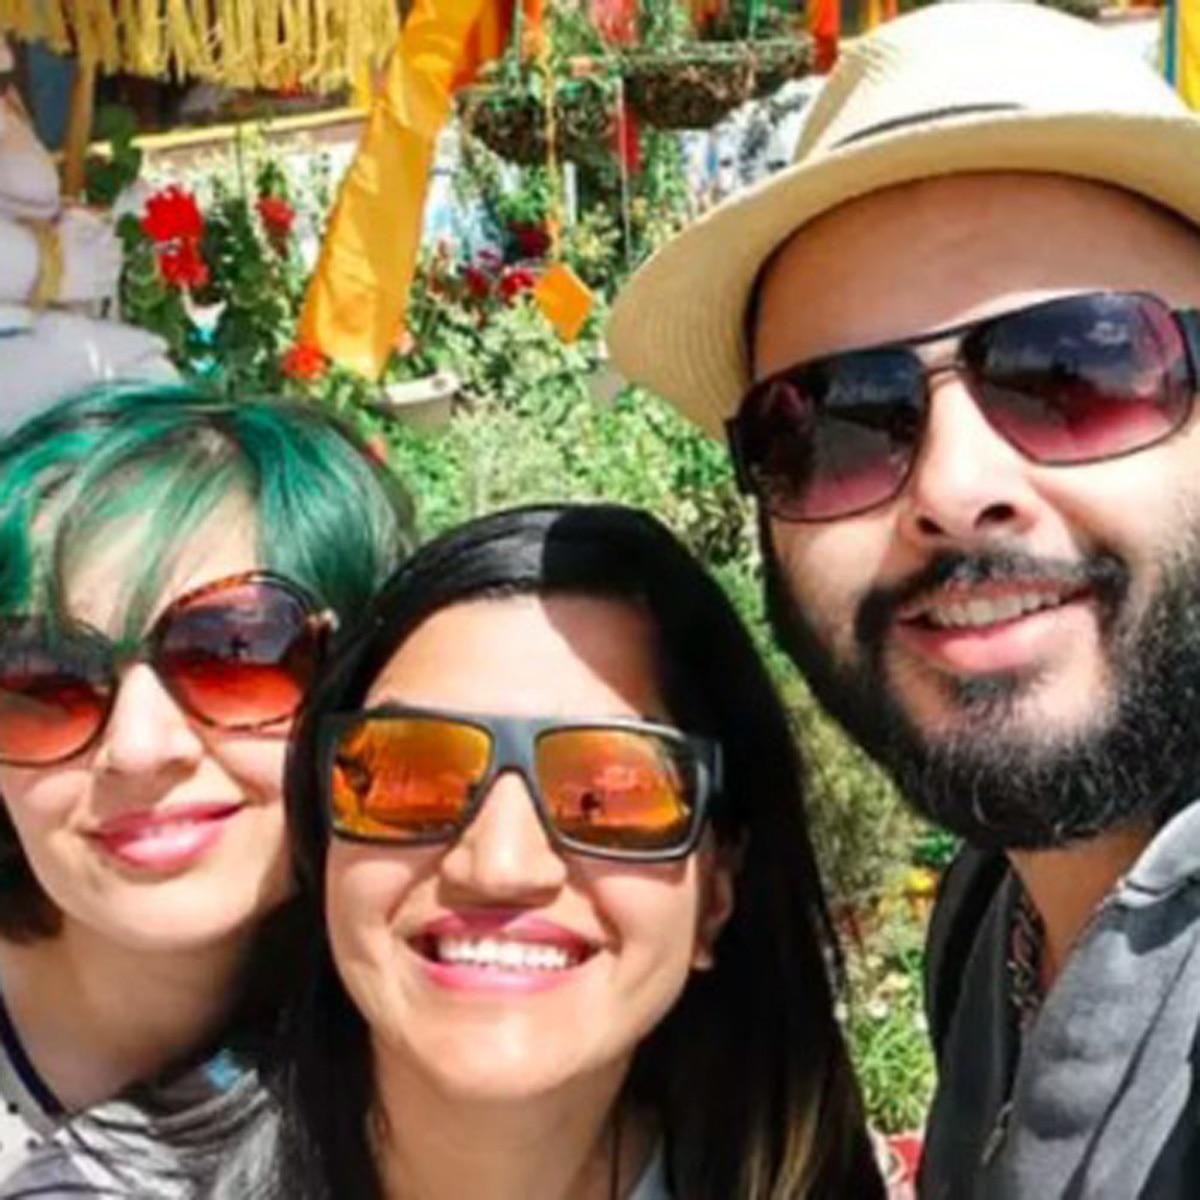 पति को छोड़ विवाहित दोस्त से मिलने गई थी महिला, फिर तीनों ने बना लिया रिश्ता  - Trending AajTak